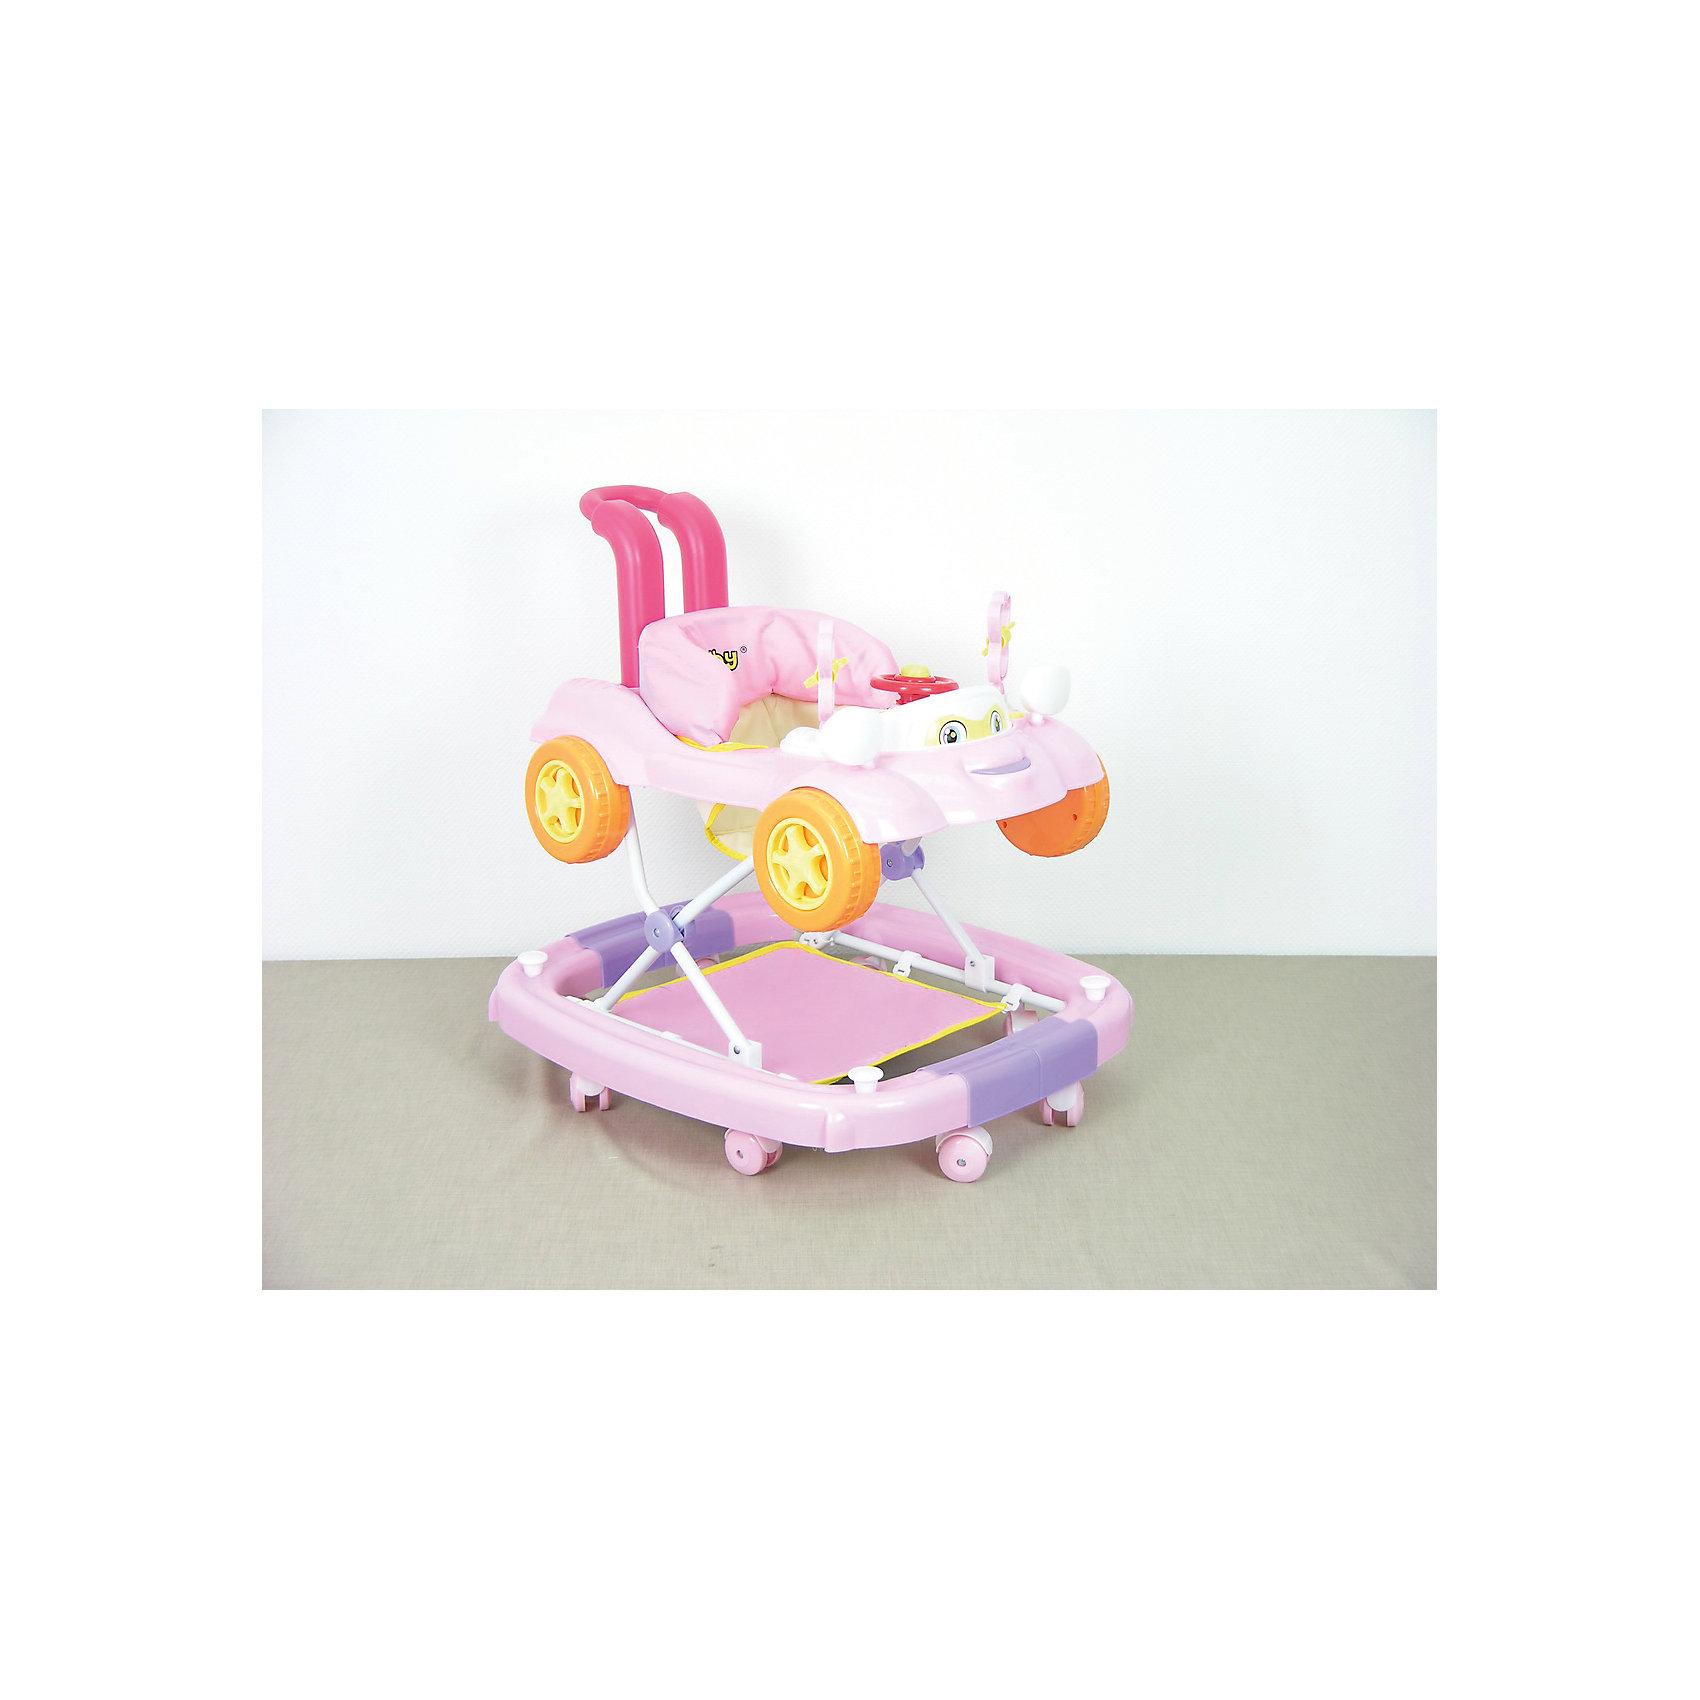 Ходунки BS-411, Selby, розовыйХодунки<br>Регулировка высоты сидения, - музыкальная игровая панель, - мягкое сидение, - подставка для ног, - съемный чехол кресла, - уникальный дизайн, - режим качания при повороте колесной панели, - съемная машинка-каталка, - безопасная конструкция<br><br>Ширина мм: 710<br>Глубина мм: 640<br>Высота мм: 660<br>Вес г: 5800<br>Возраст от месяцев: 6<br>Возраст до месяцев: 12<br>Пол: Унисекс<br>Возраст: Детский<br>SKU: 5610173